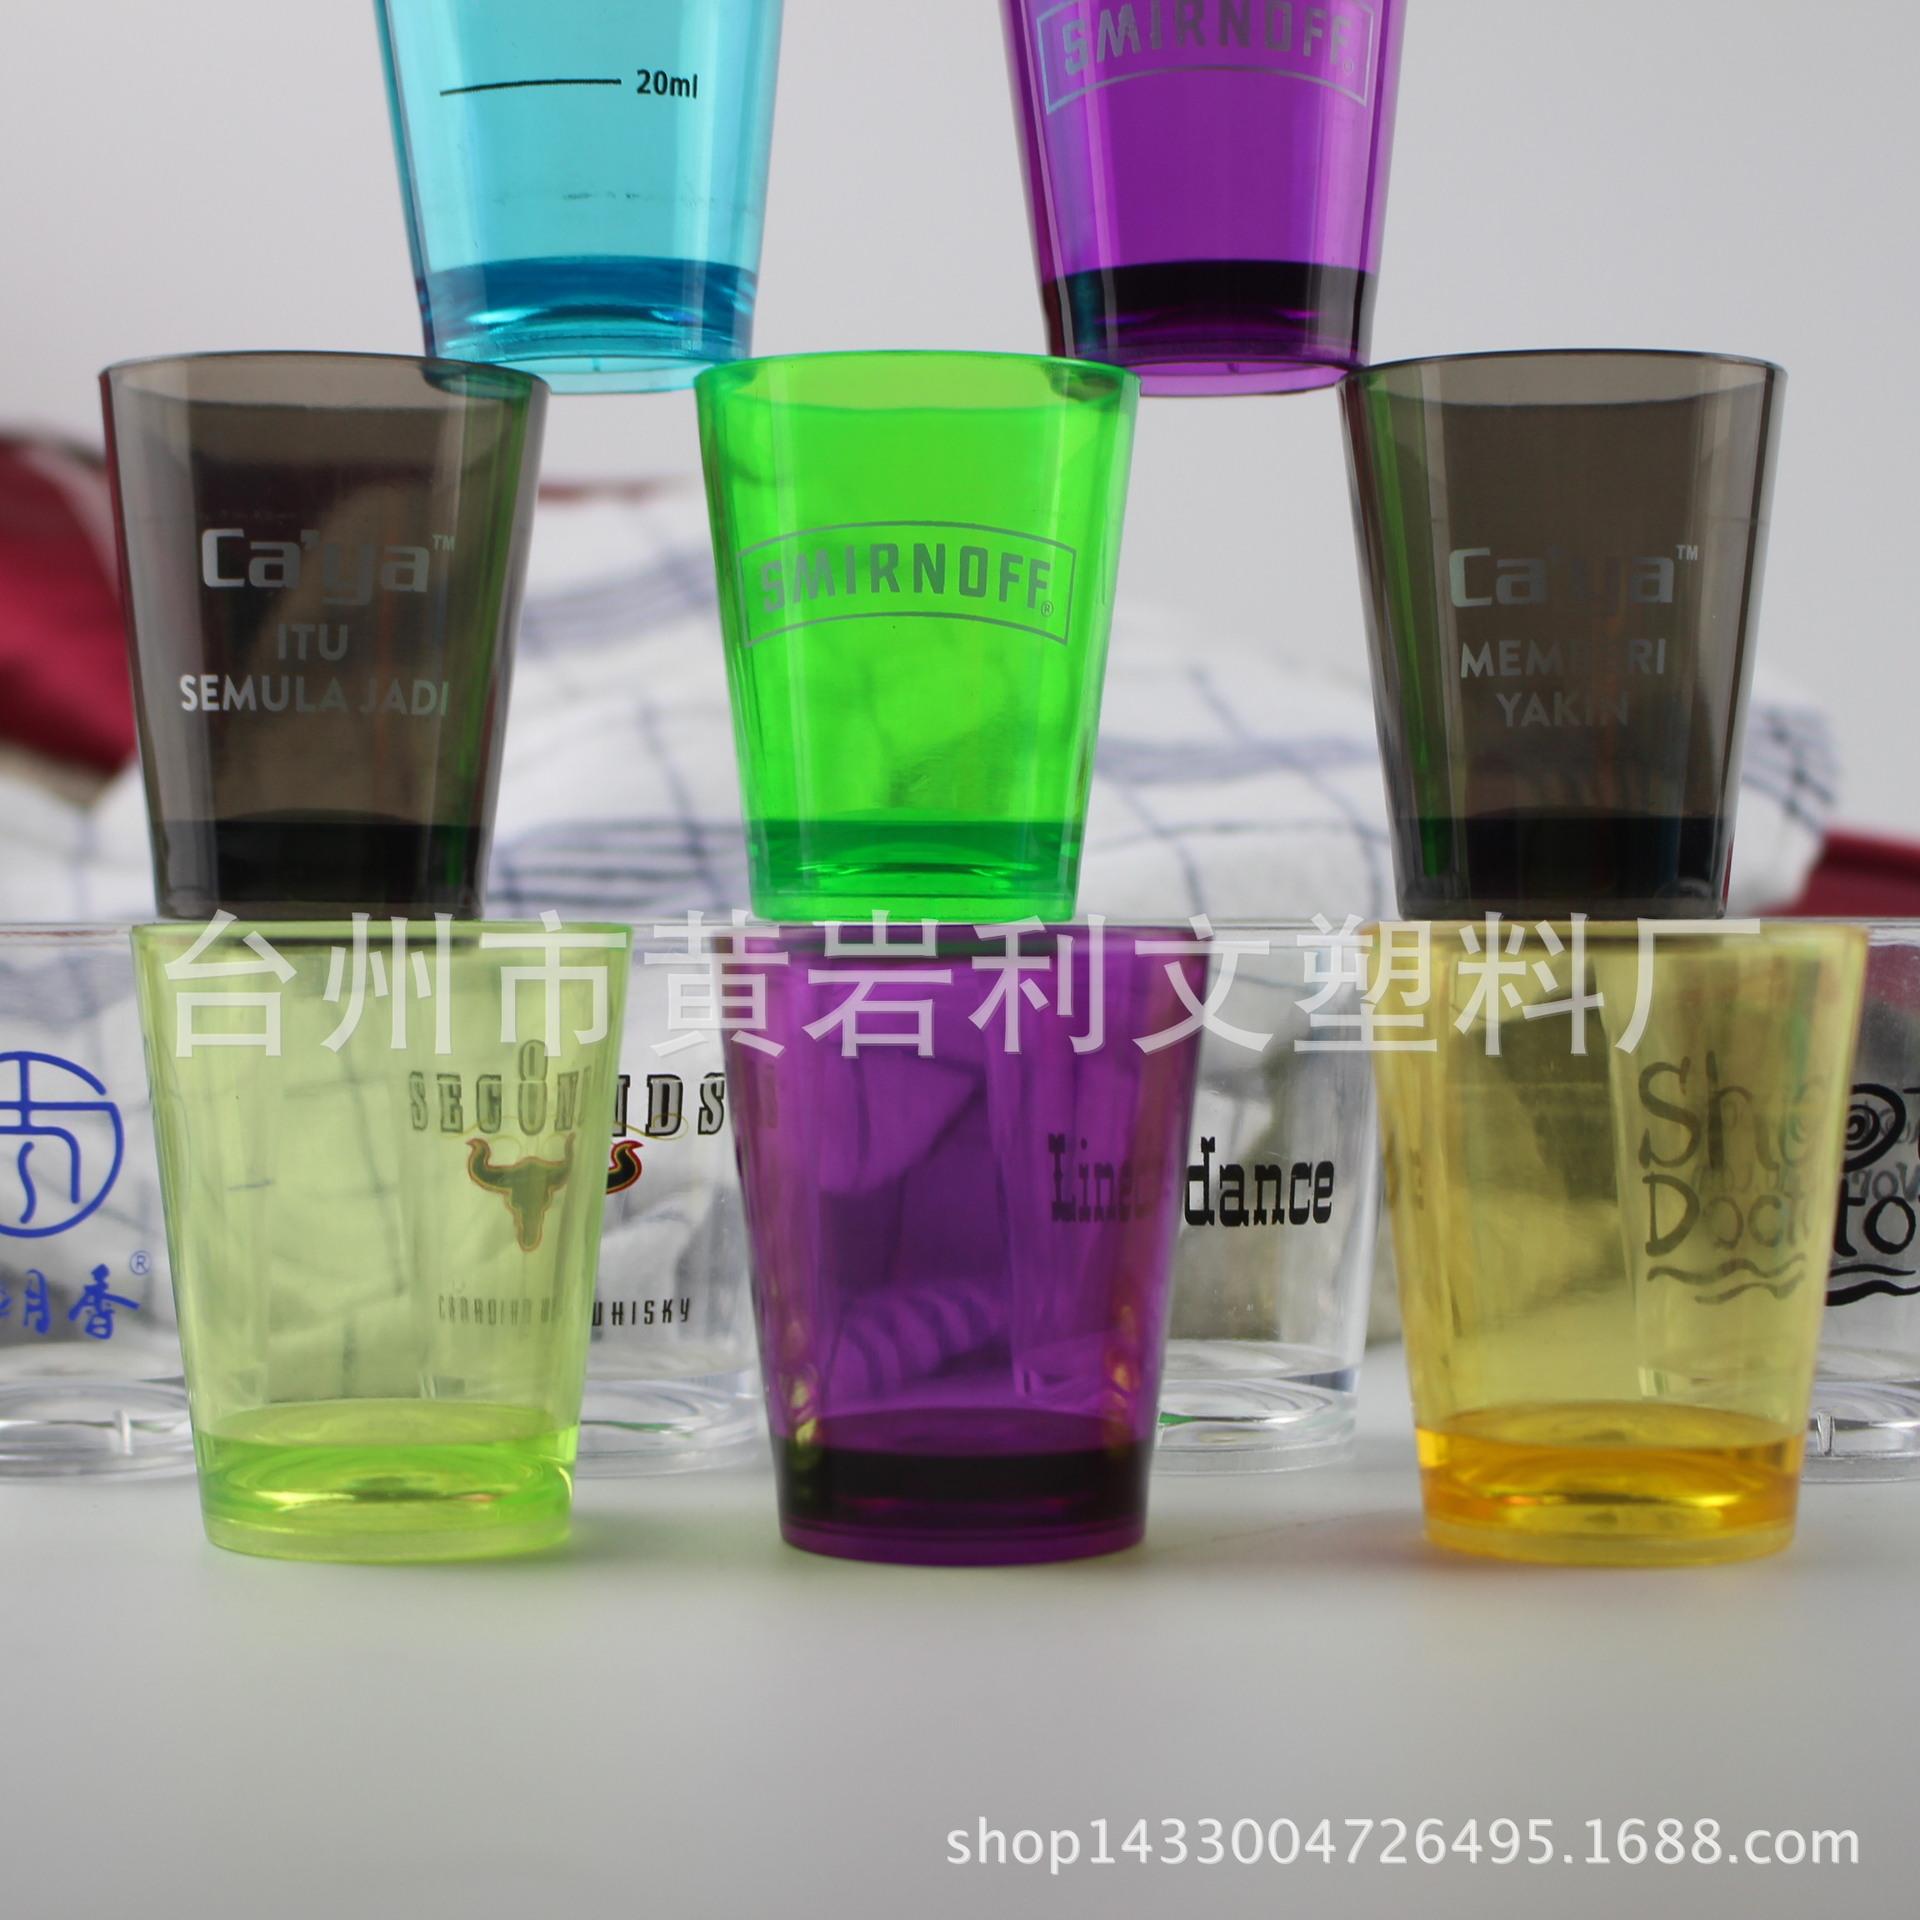 厂家直销 塑料小酒杯 PS小酒杯 烈酒杯 2oz小酒杯